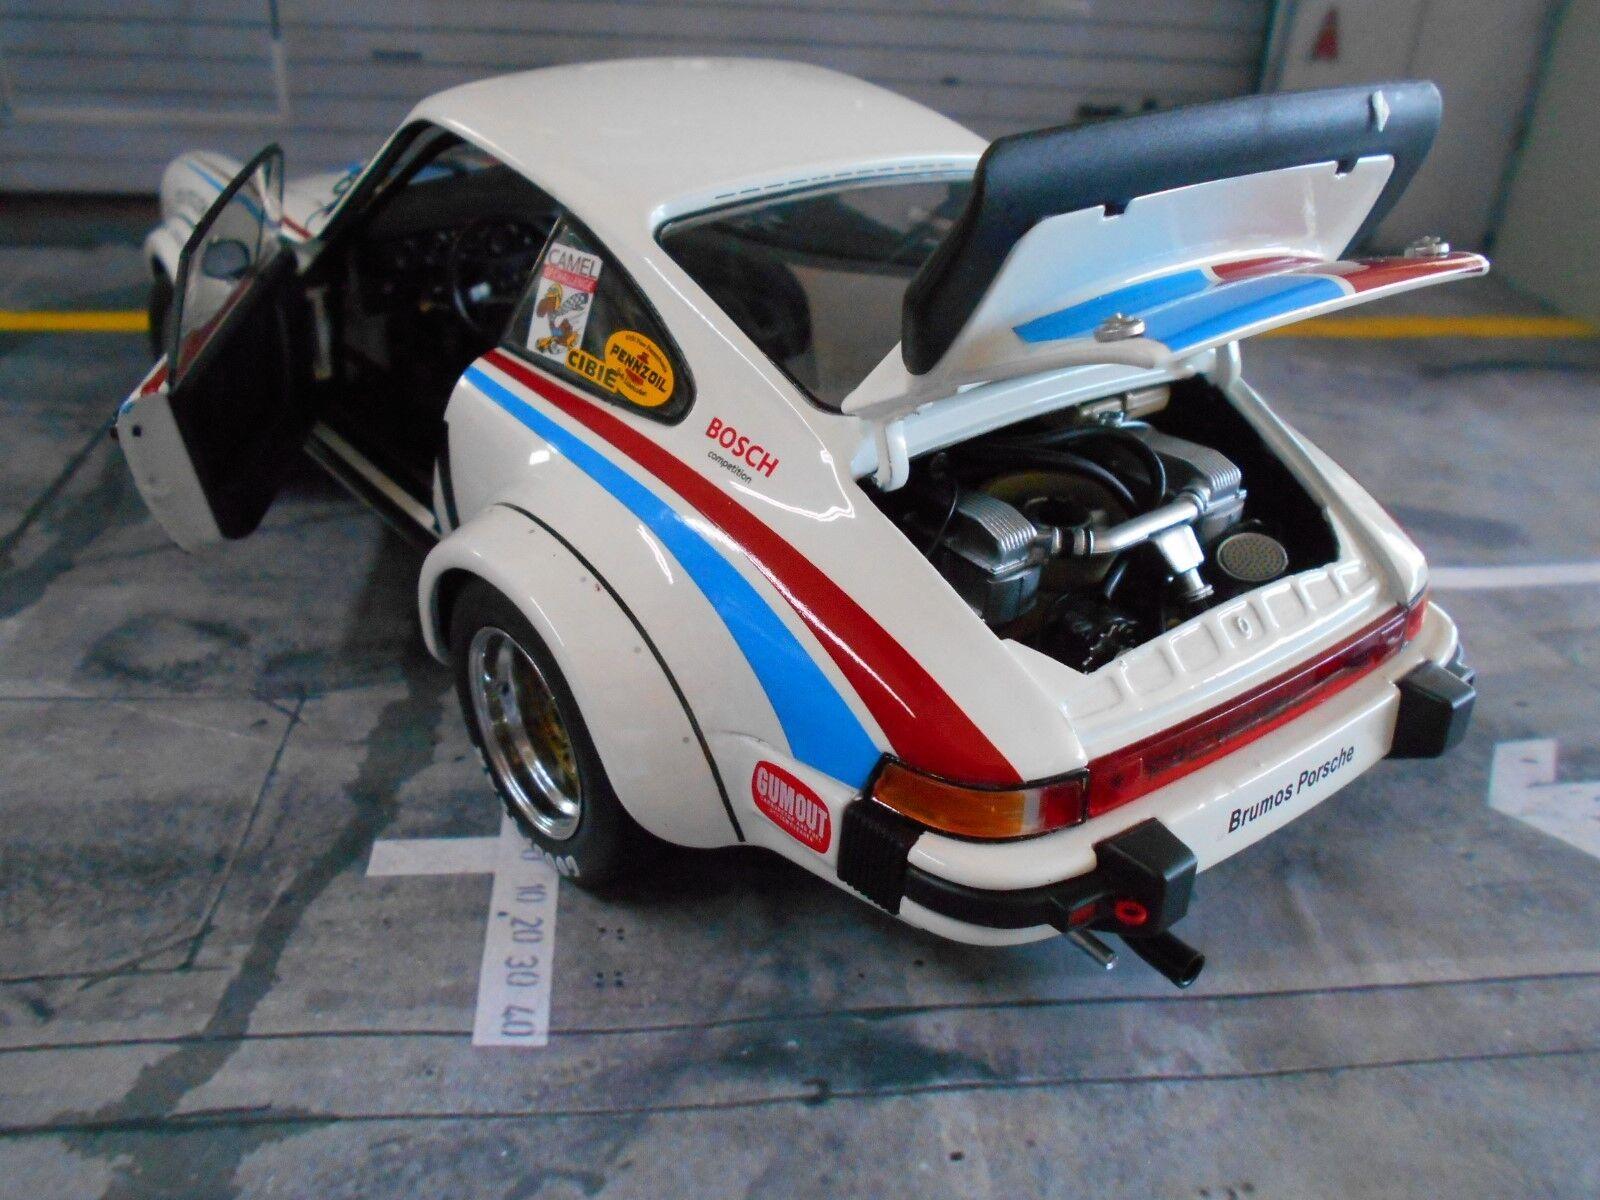 Porsche 911 911 911 934 rsr 24h Daytona 1977 Brumos #61 Gregg superproduction schuco 1:18 NEUF | D'être Très Apprécié Et Loué Par Les Consommateurs  d4612a